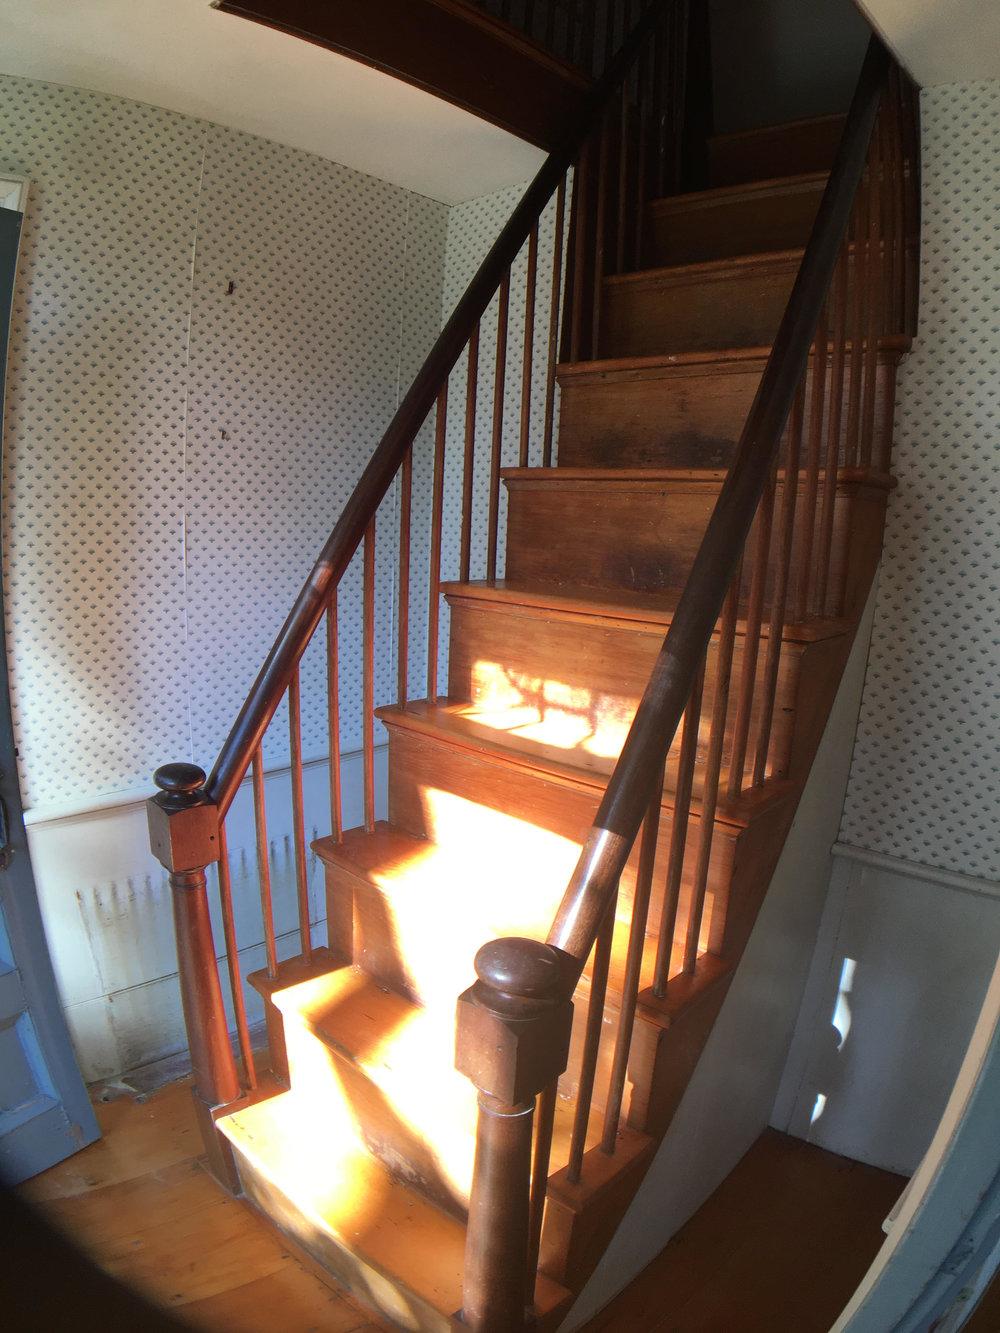 good morning stair 3.jpg